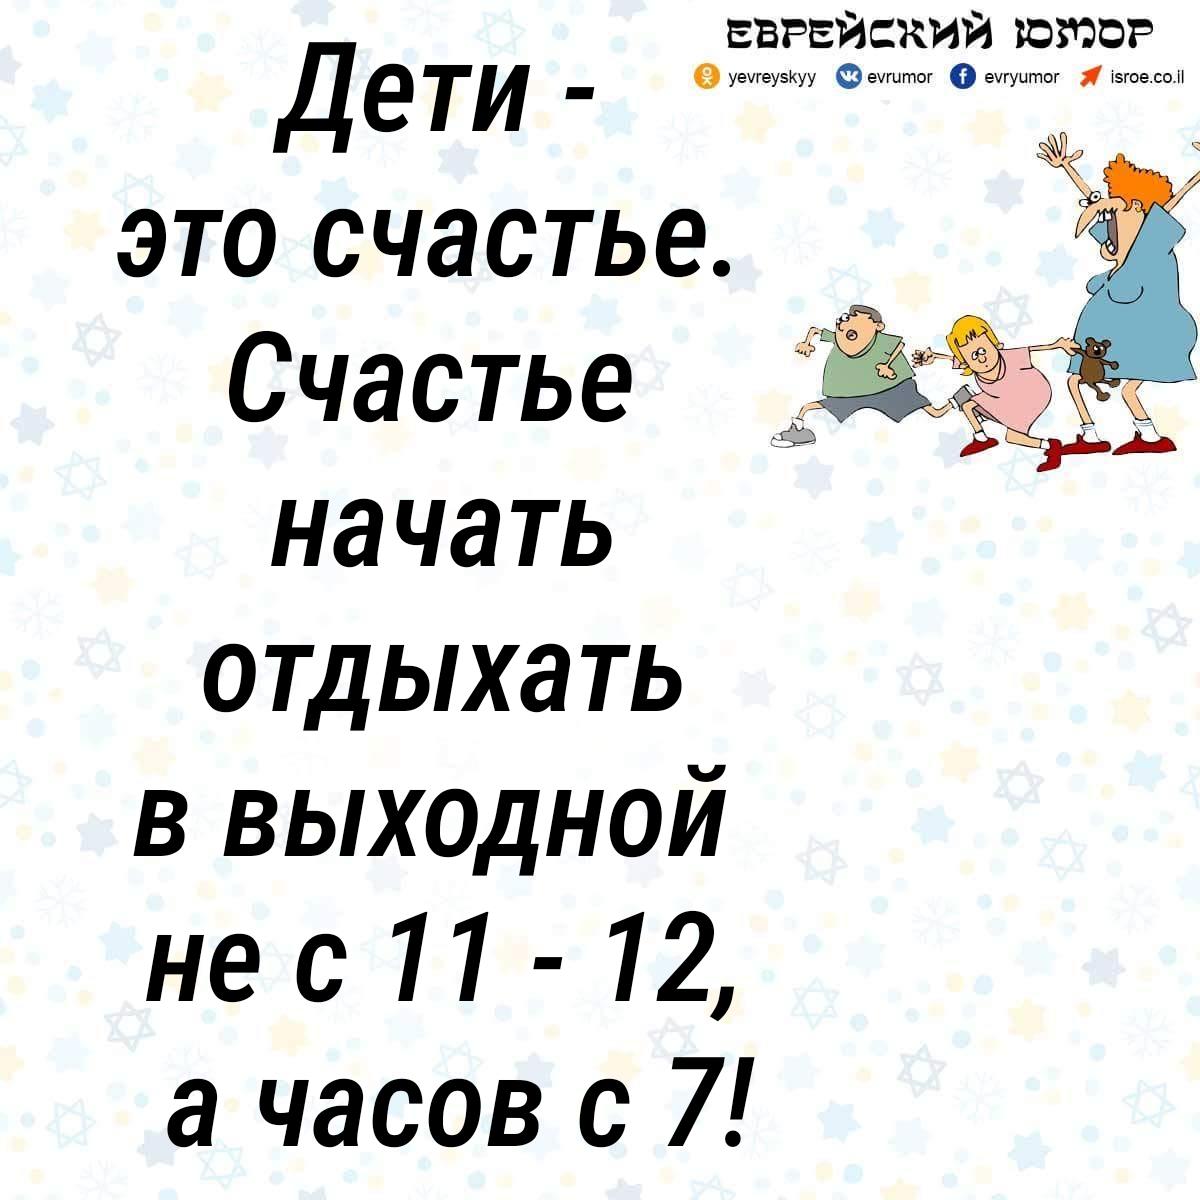 Еврейский юмор. Одесский анекдот. Дети